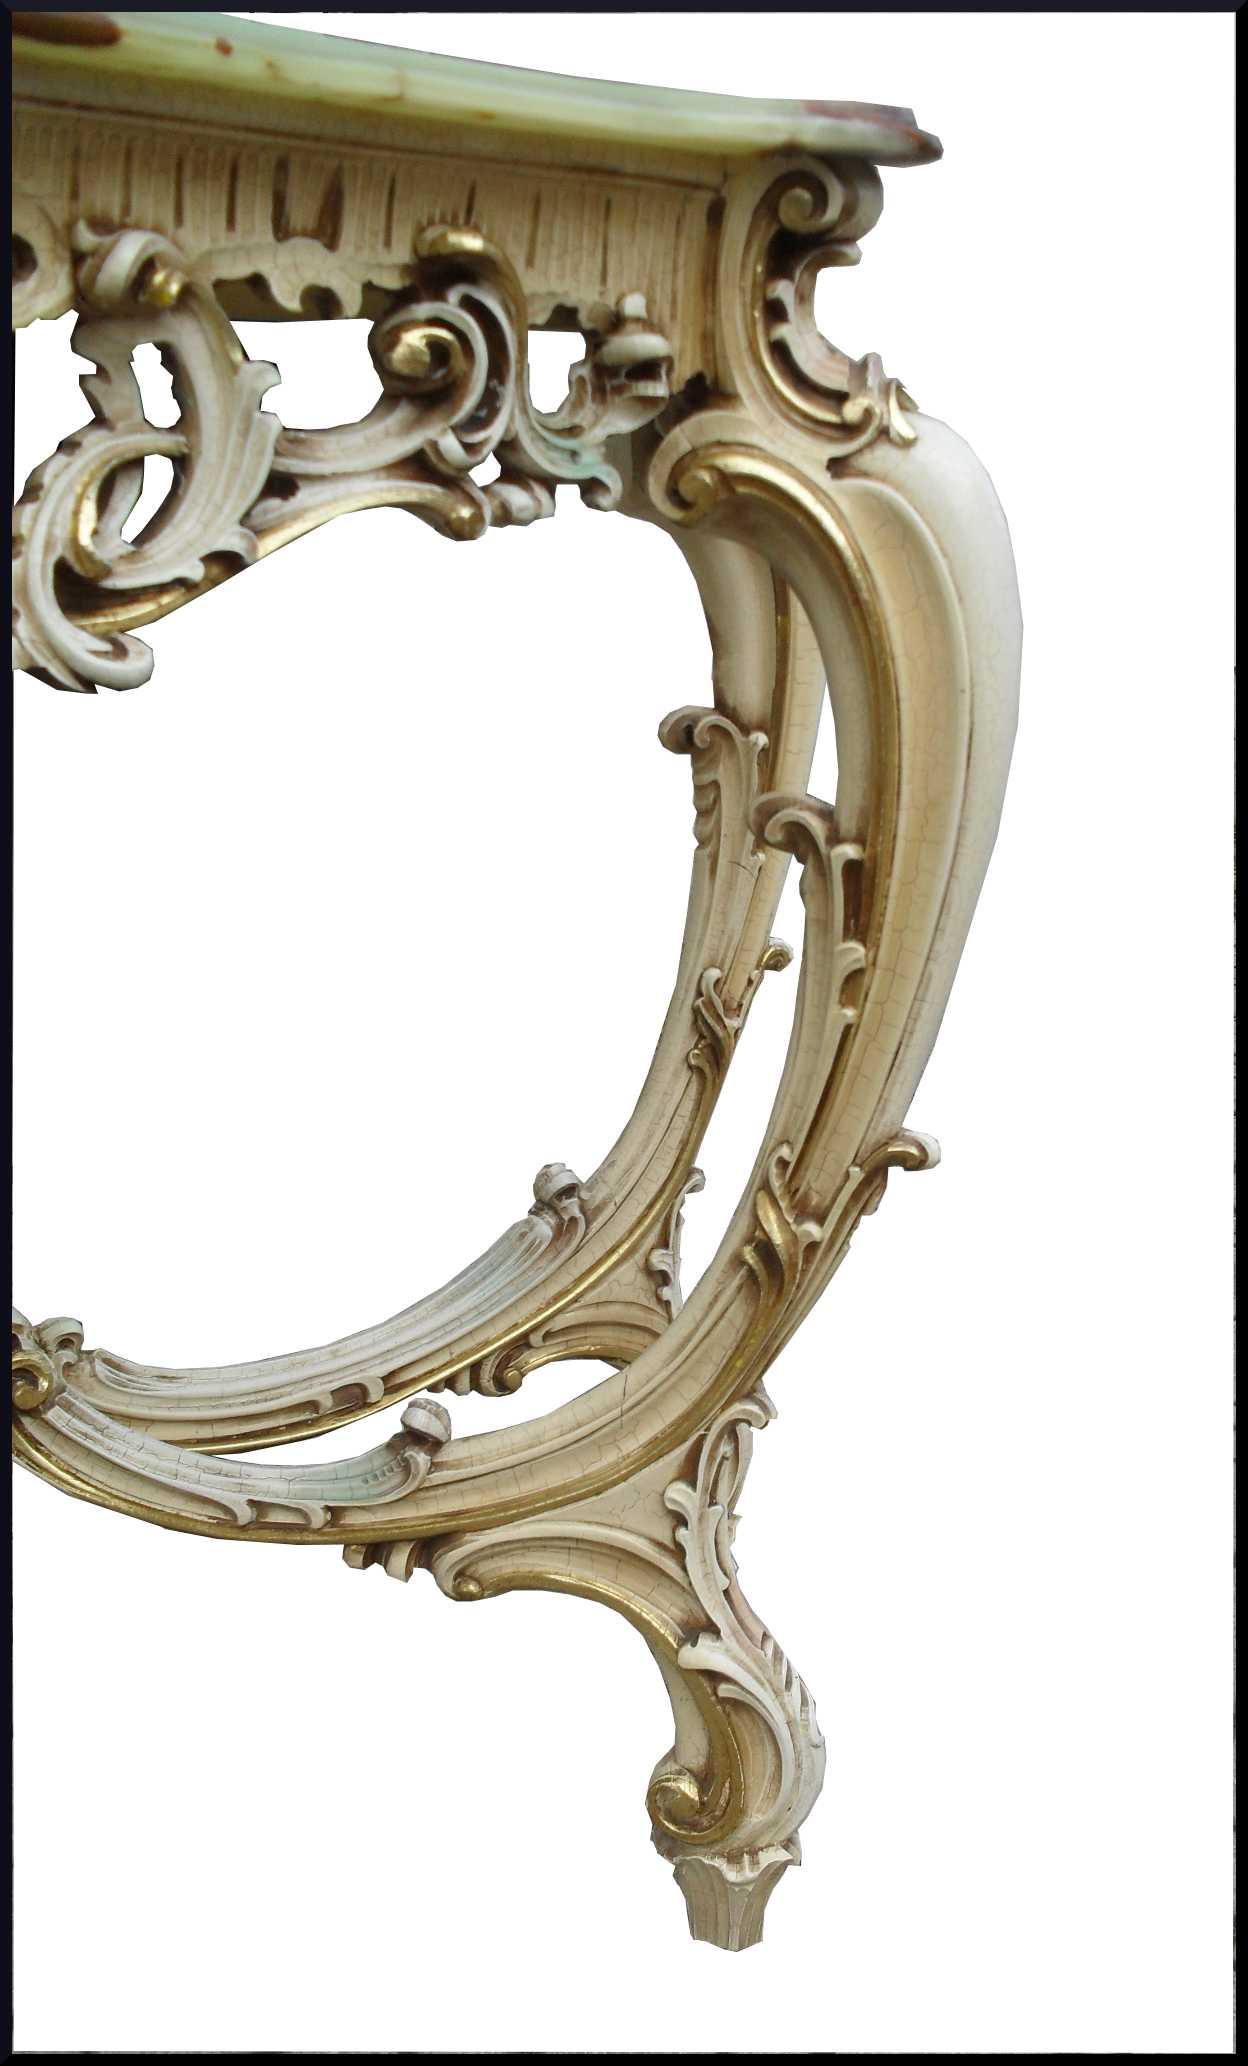 Consolle Allungabile Laccata Life Promo : Consolle intagliata a mano e decorata in stile veneziano